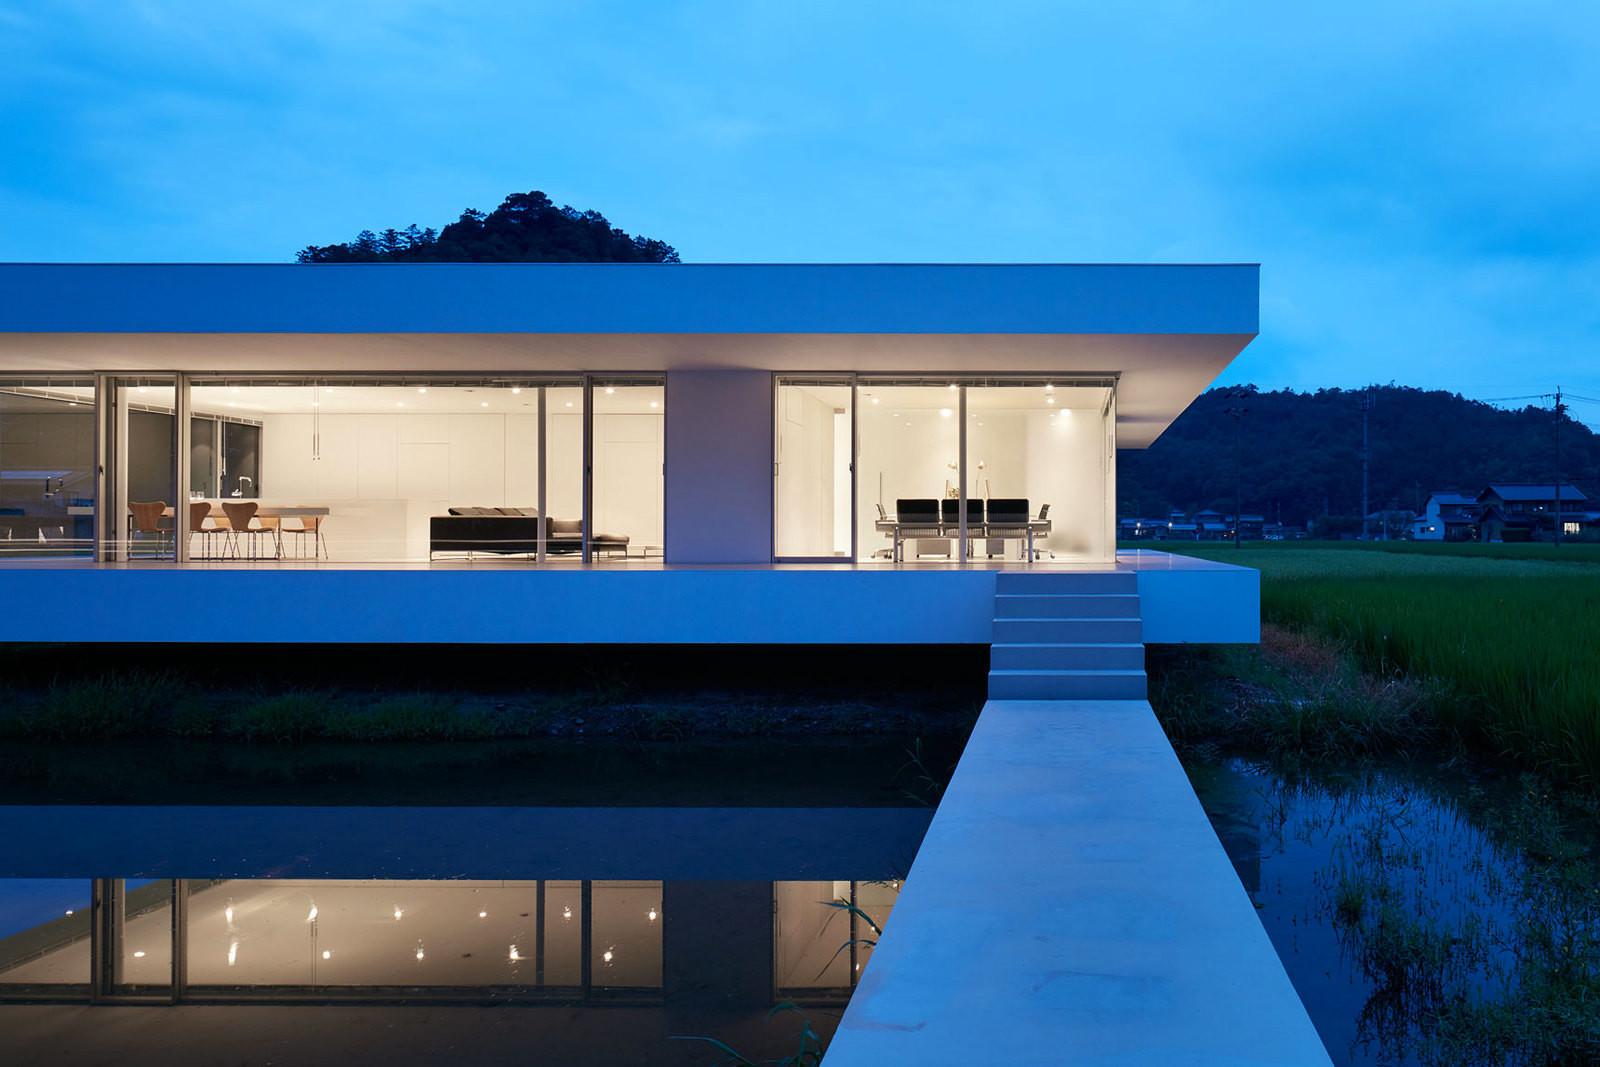 Сельский дом из стекла и стали